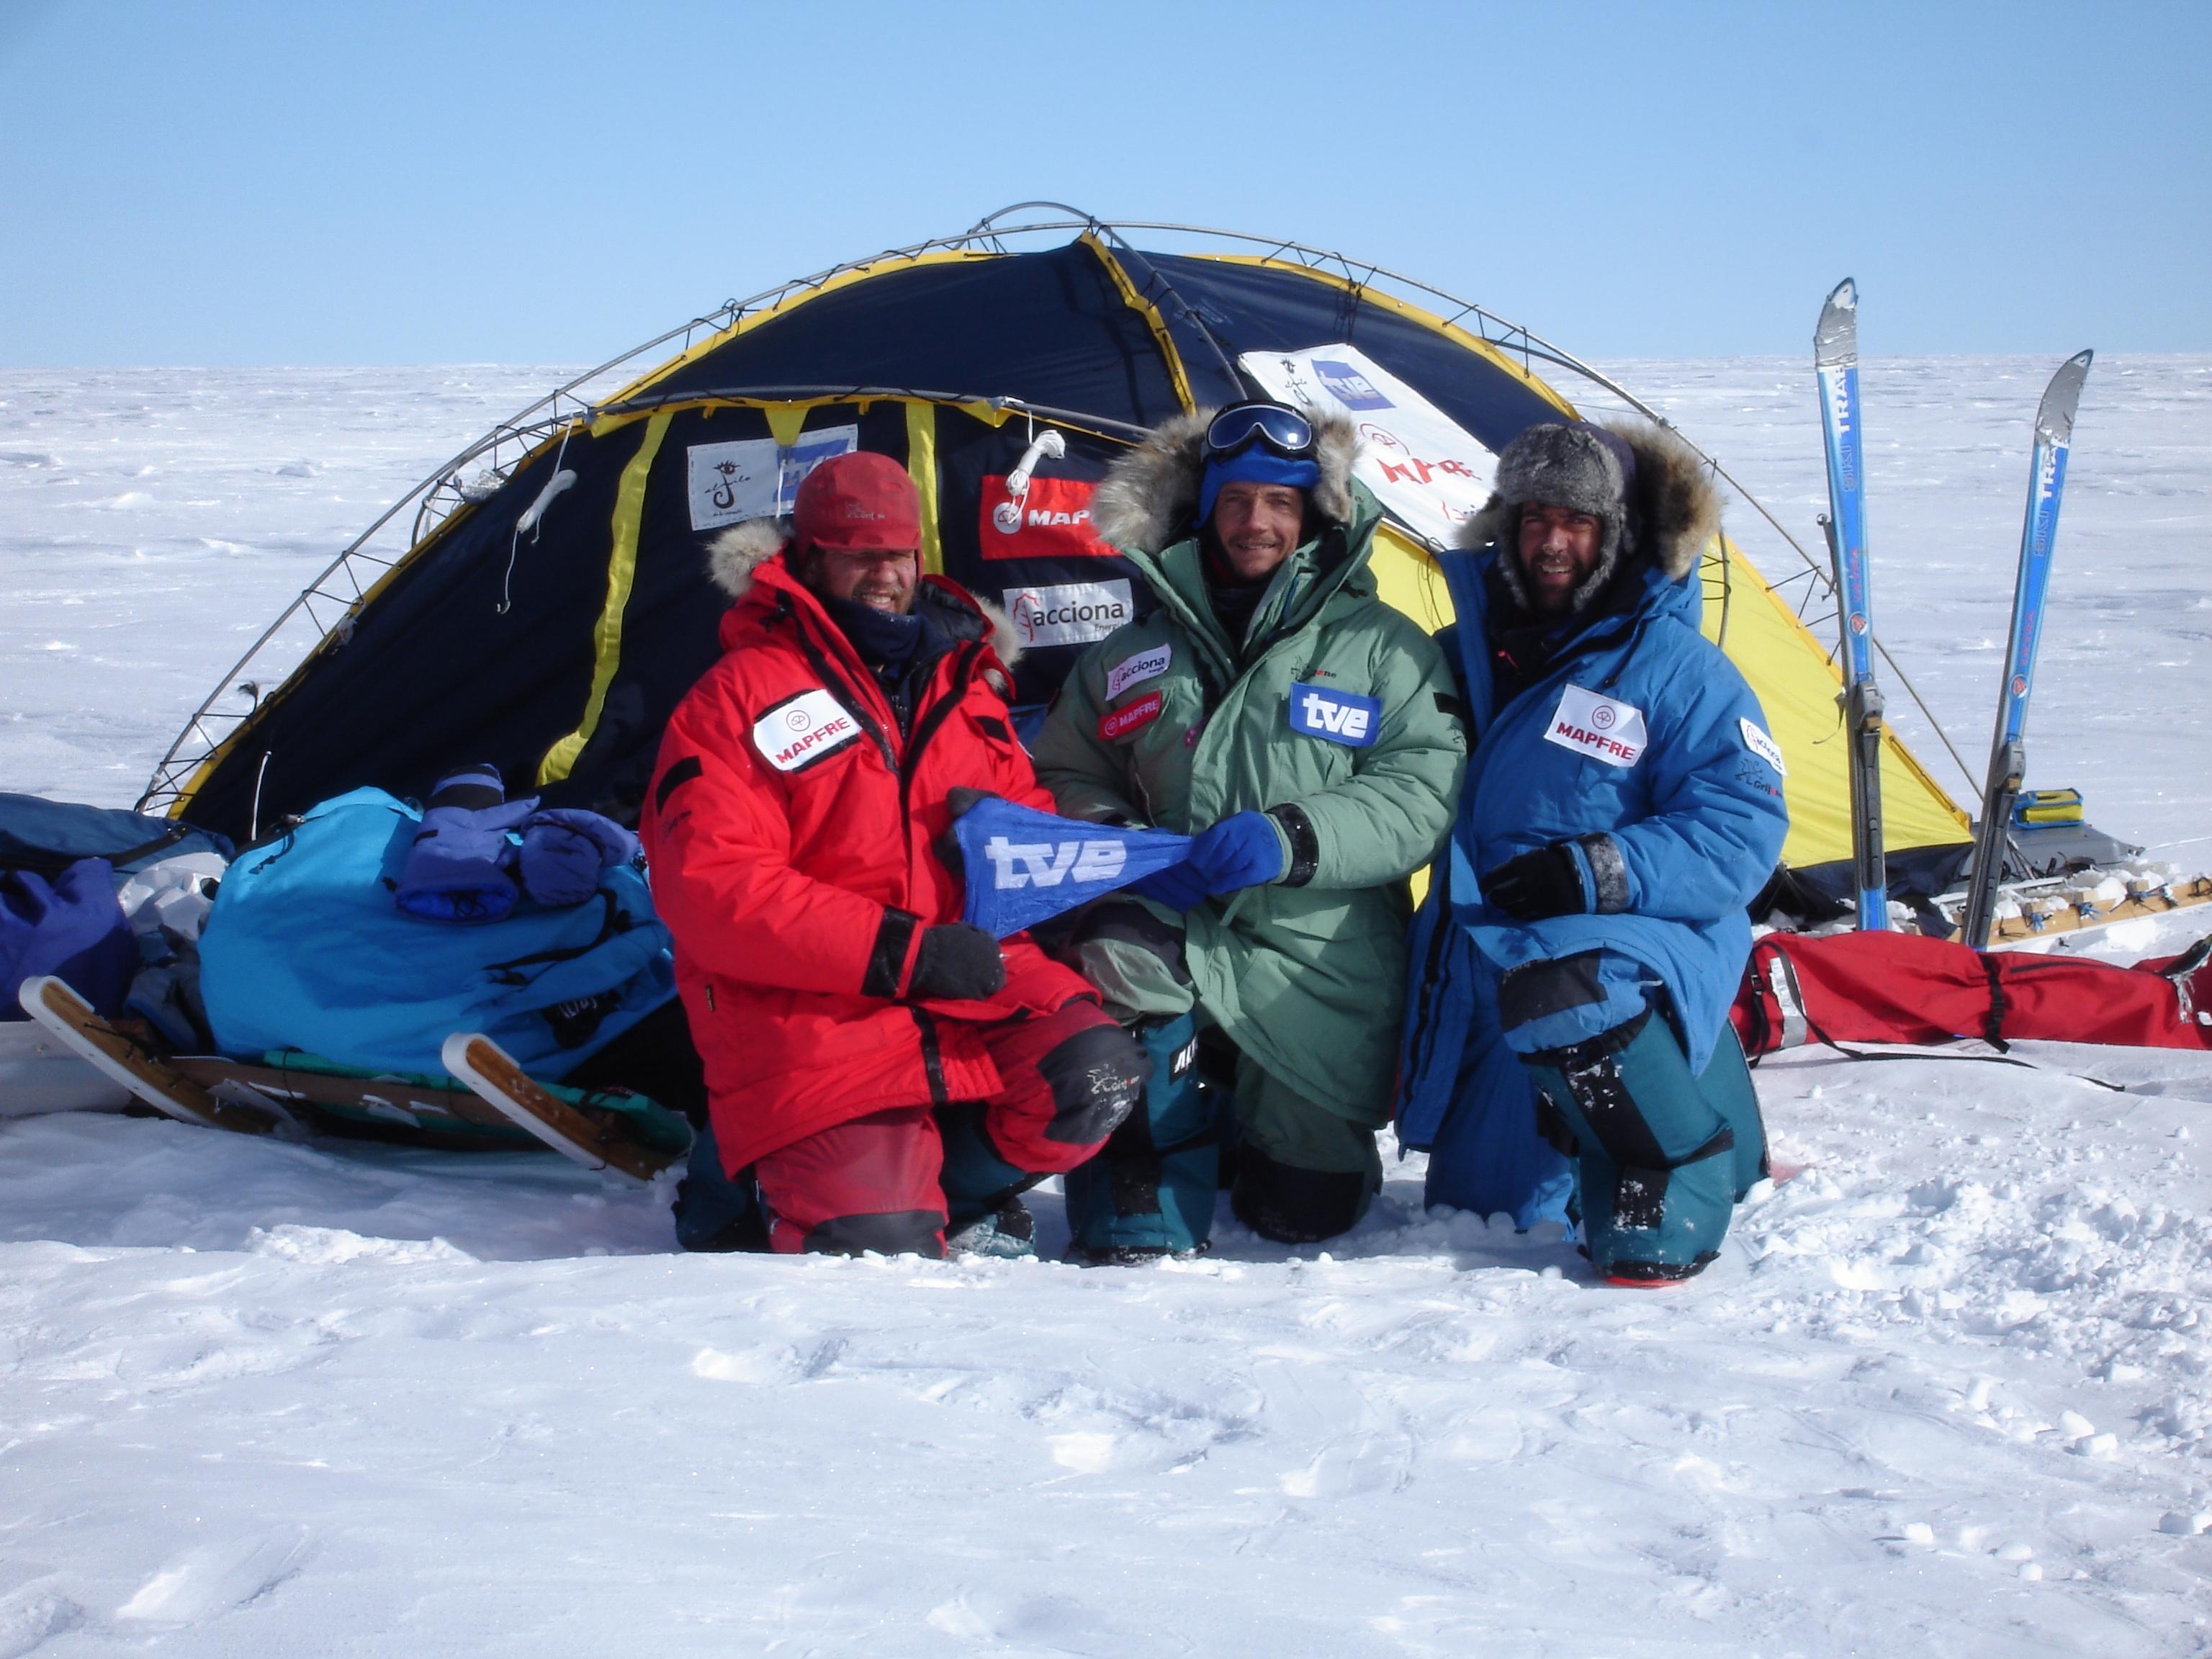 Los expedicionarios en el Polo Sur de Inaccesibilidad.